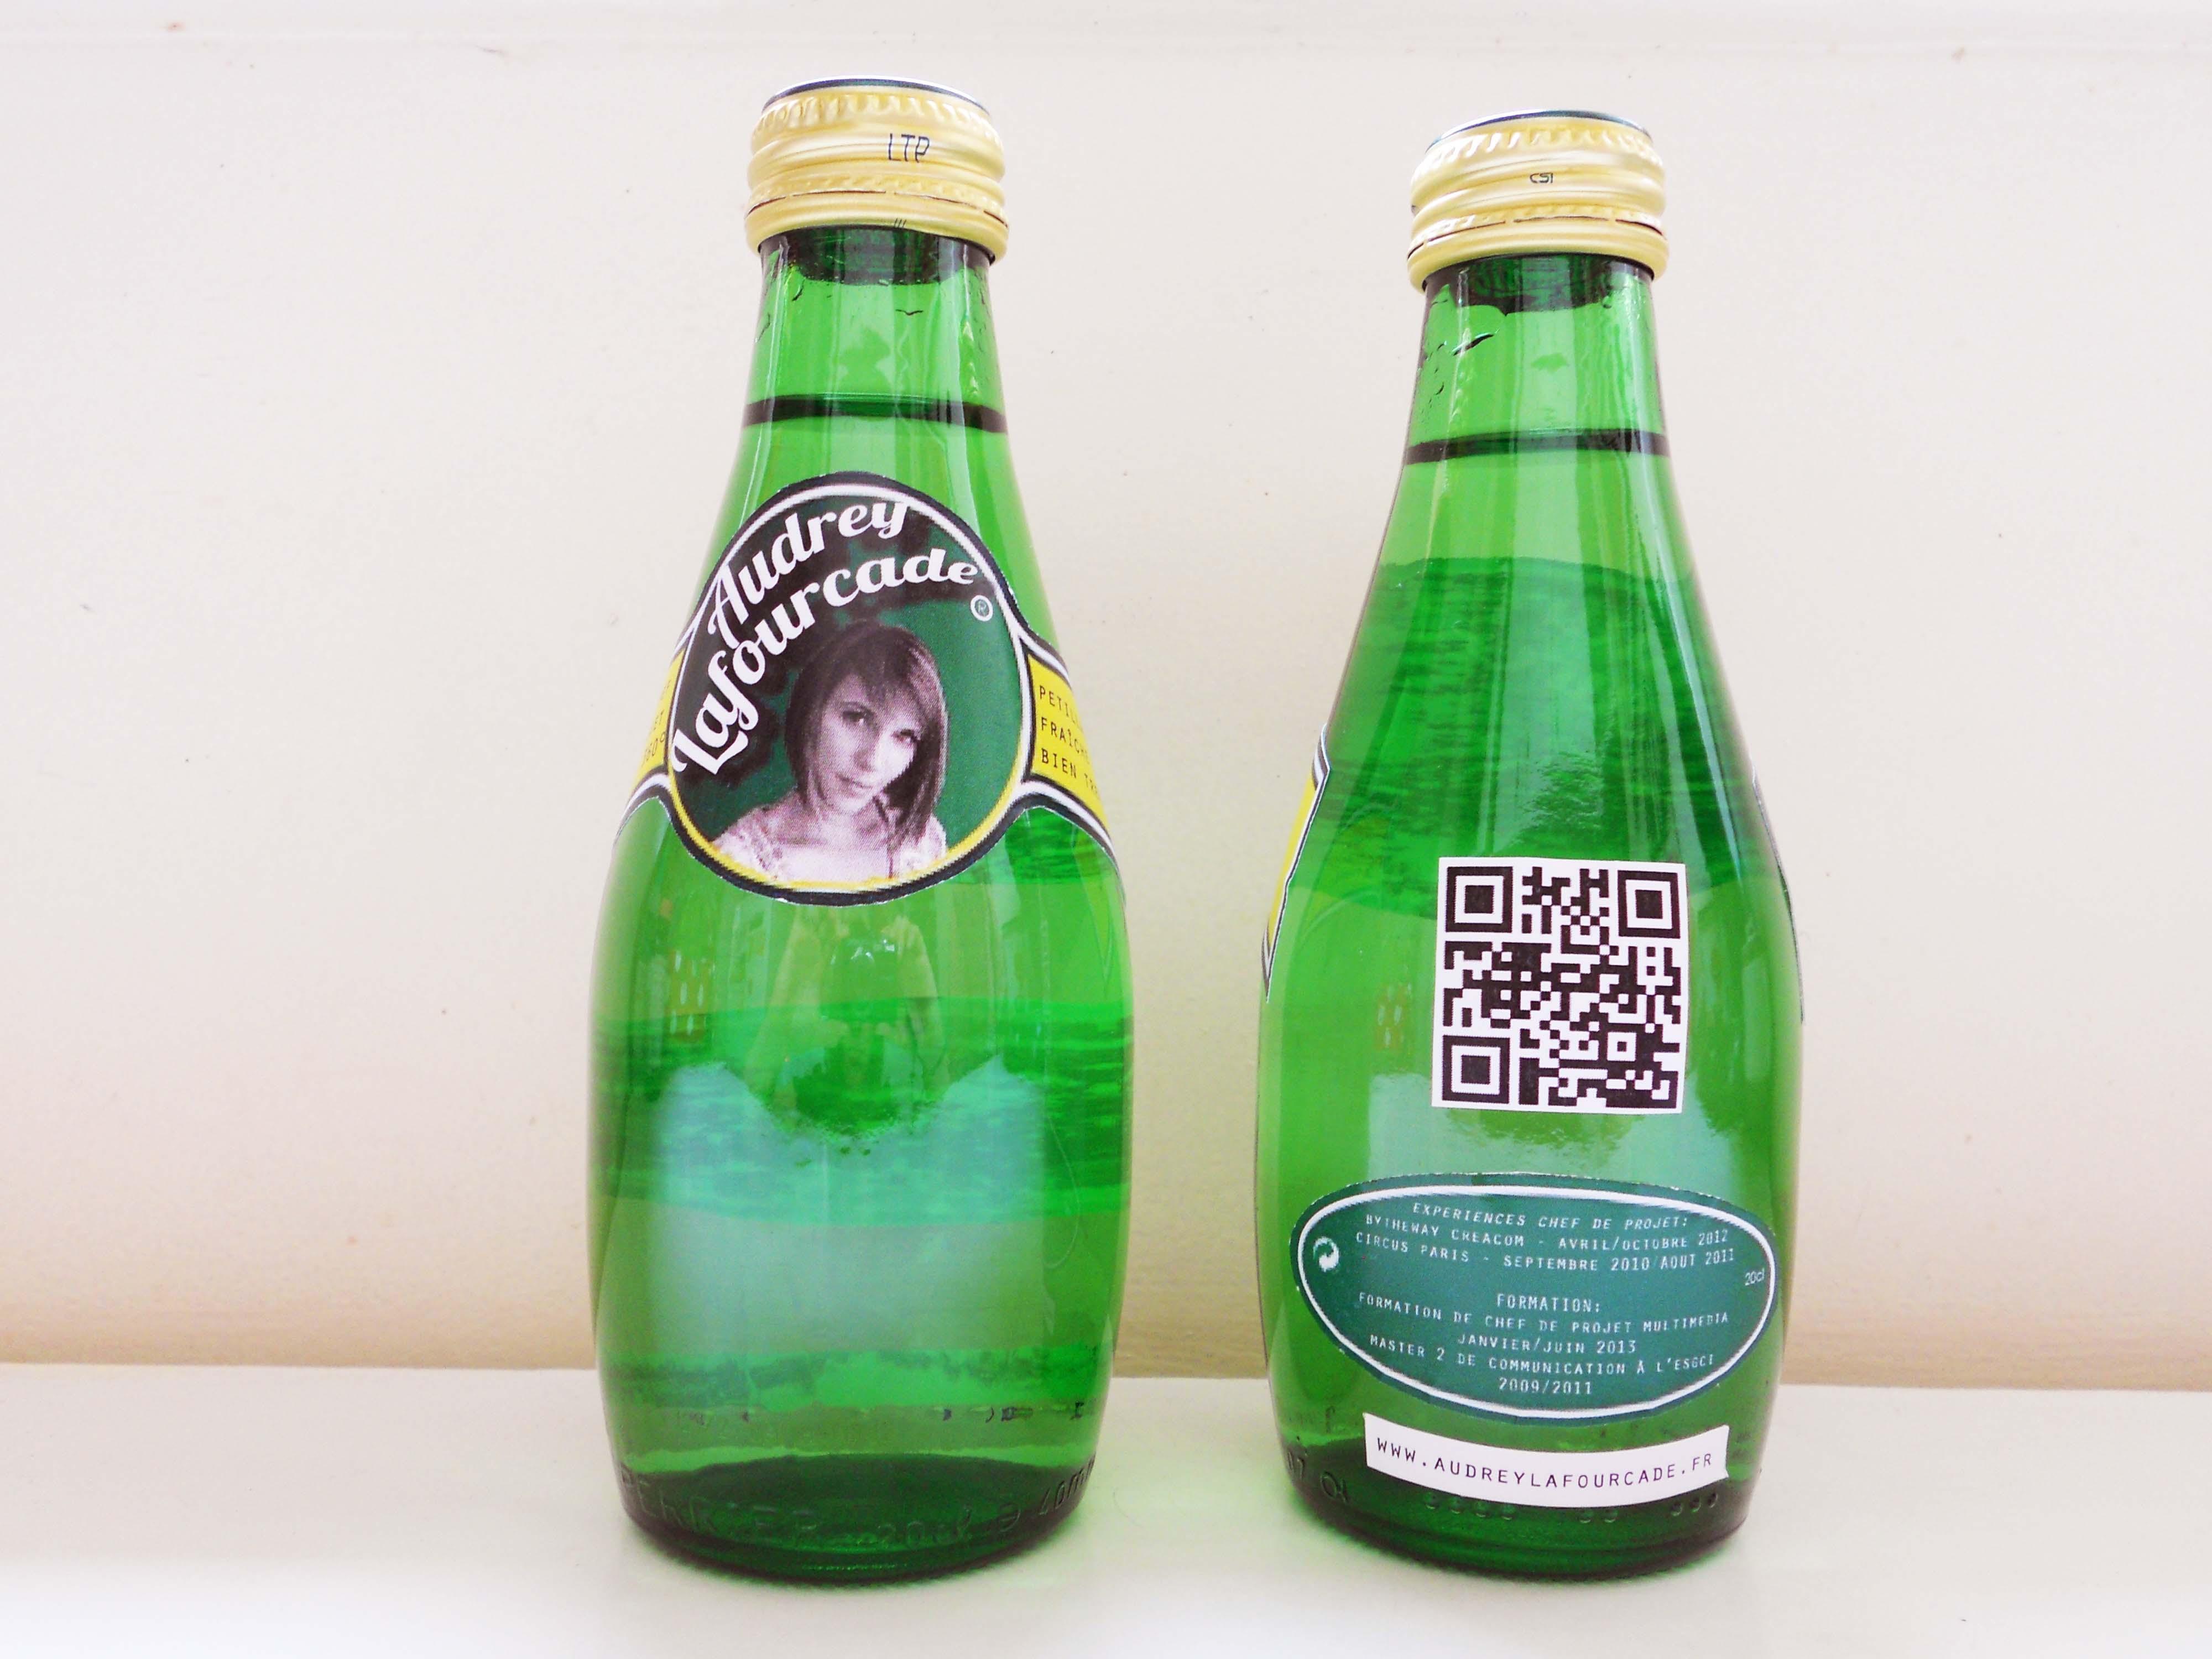 le cv sous forme de bouteille   p u00e9tillant  frais et bien tremp u00e9